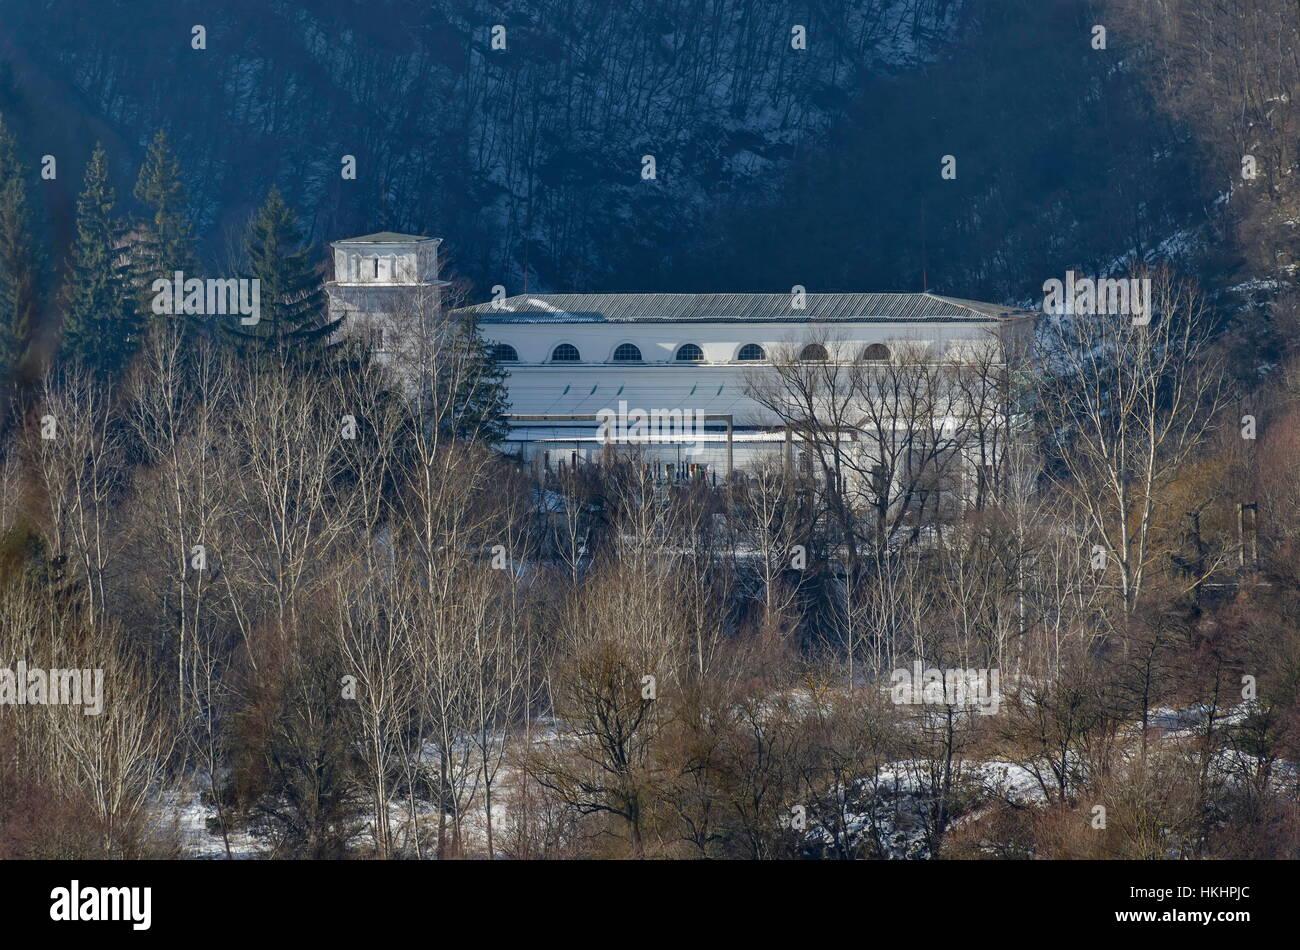 Vista de Hidro-Electric Power Station en invierno village Pasarel, Bulgaria Imagen De Stock